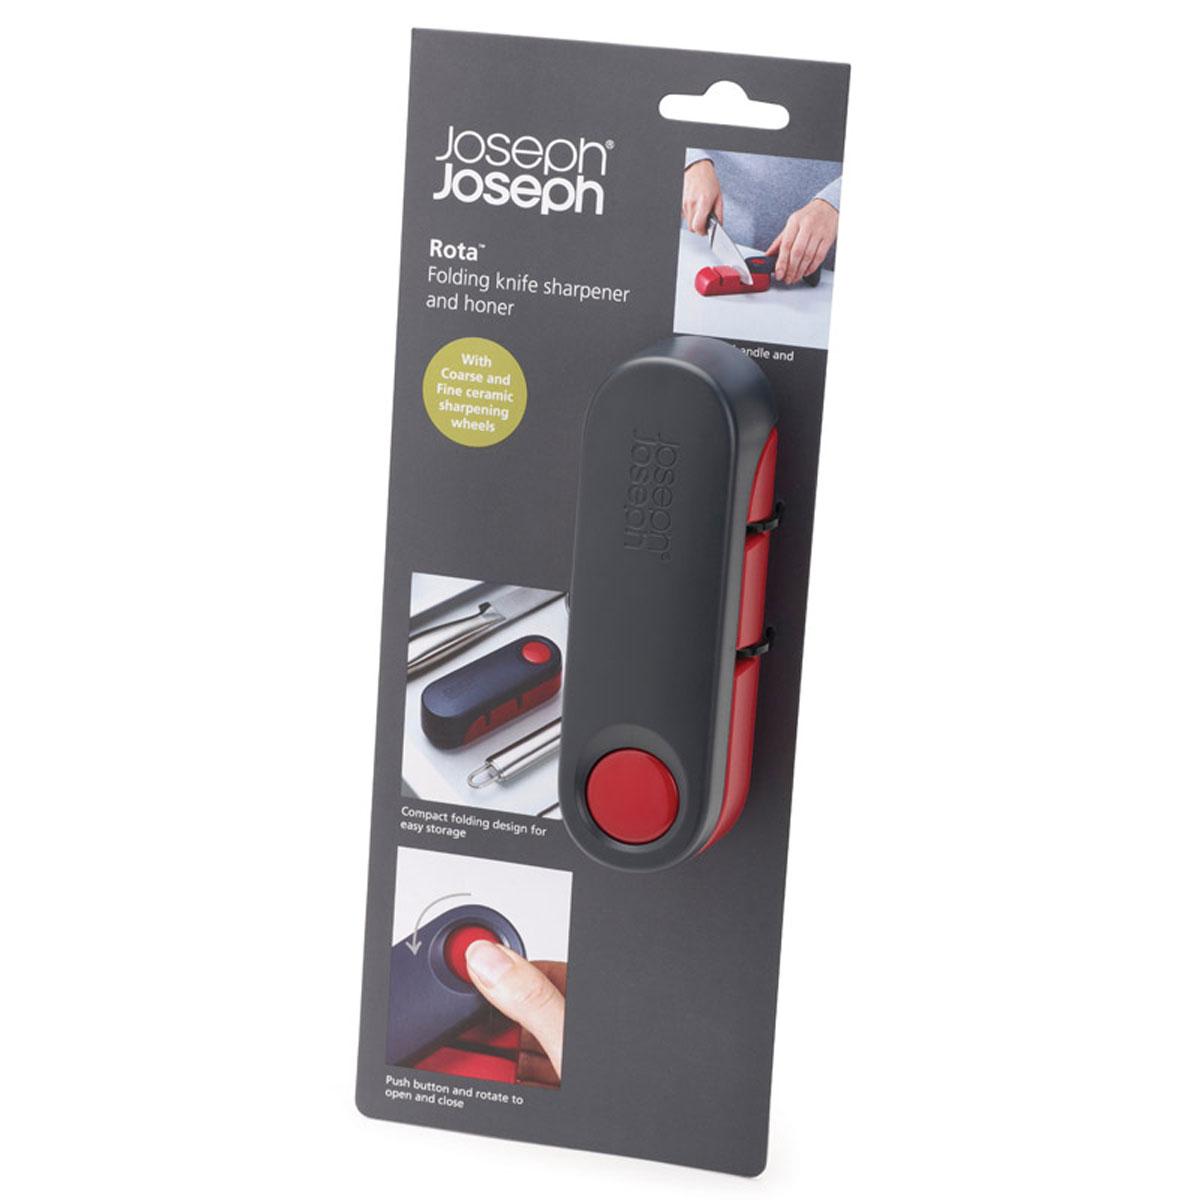 Ножеточка Joseph Joseph Rota, цвет: темно-серый, красный391602Ножеточка Joseph Joseph Rota изготовлена из высококачественного пластика. Уникальный дизайн ножеточки Joseph Joseph Rota с вращающейся крышкой помогает выполнить сразу две функции: во-первых, открыв ножеточку, вы сразу обеспечиваете себя удобной ручкой, которая позволяет плотно прижать ее к столешнице. А во-вторых, после заточки ножа, инструмент аккуратно складывается, что экономит место в вашем кухонном ящике. Ножеточка имеет две прорези (с крупнозернистой и мелкой заточкой), которые позволяют точно и тонко наточить ножи разного формата. Нескользящее основание добавляет устойчивости при работе. Ножеточка Joseph Joseph Rota станет незаменимой на вашей кухне. Длина ножеточки (в развернутом виде): 19,5 см. Ширина ножеточки: 4 см. Высота ножеточки: 4 см.